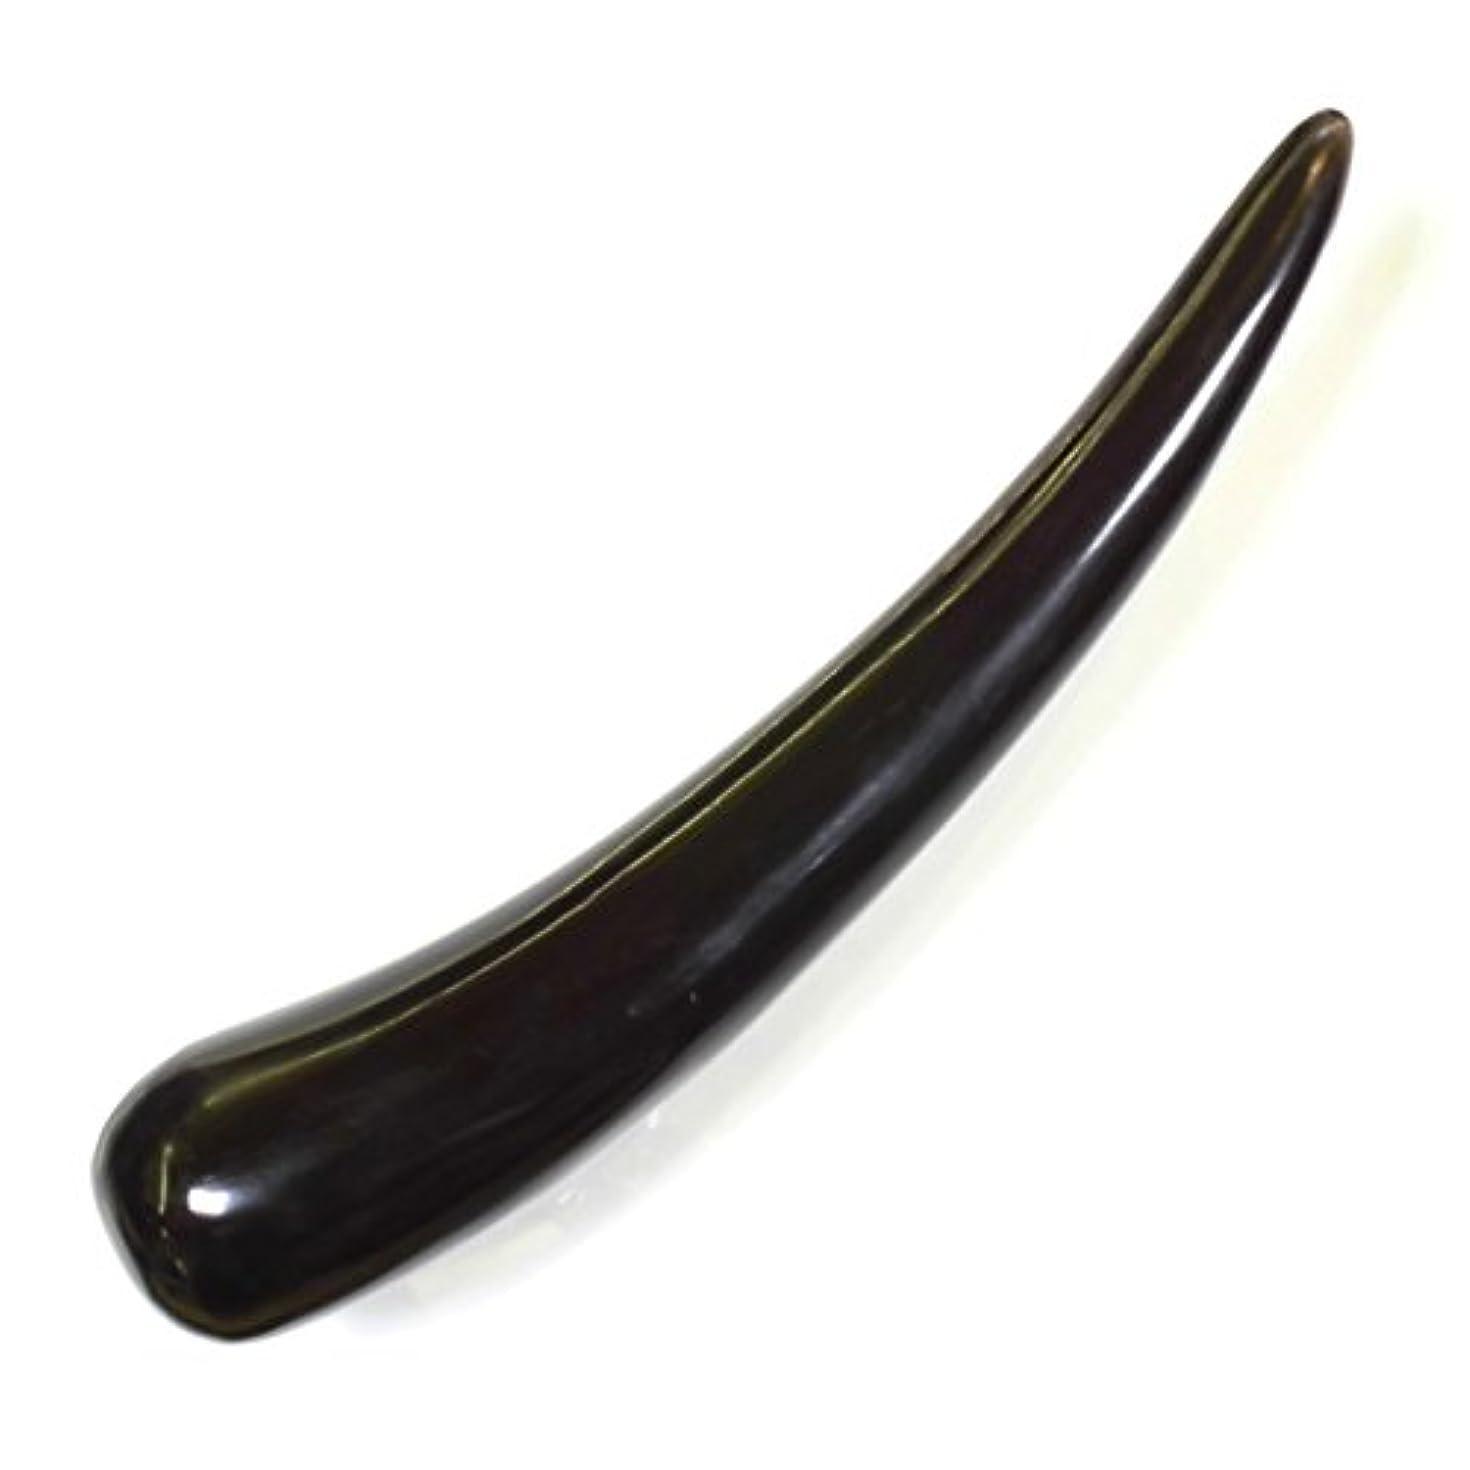 セール裸モード水牛の角 ツボ押し 黒水牛角 特大13 長さ20cm